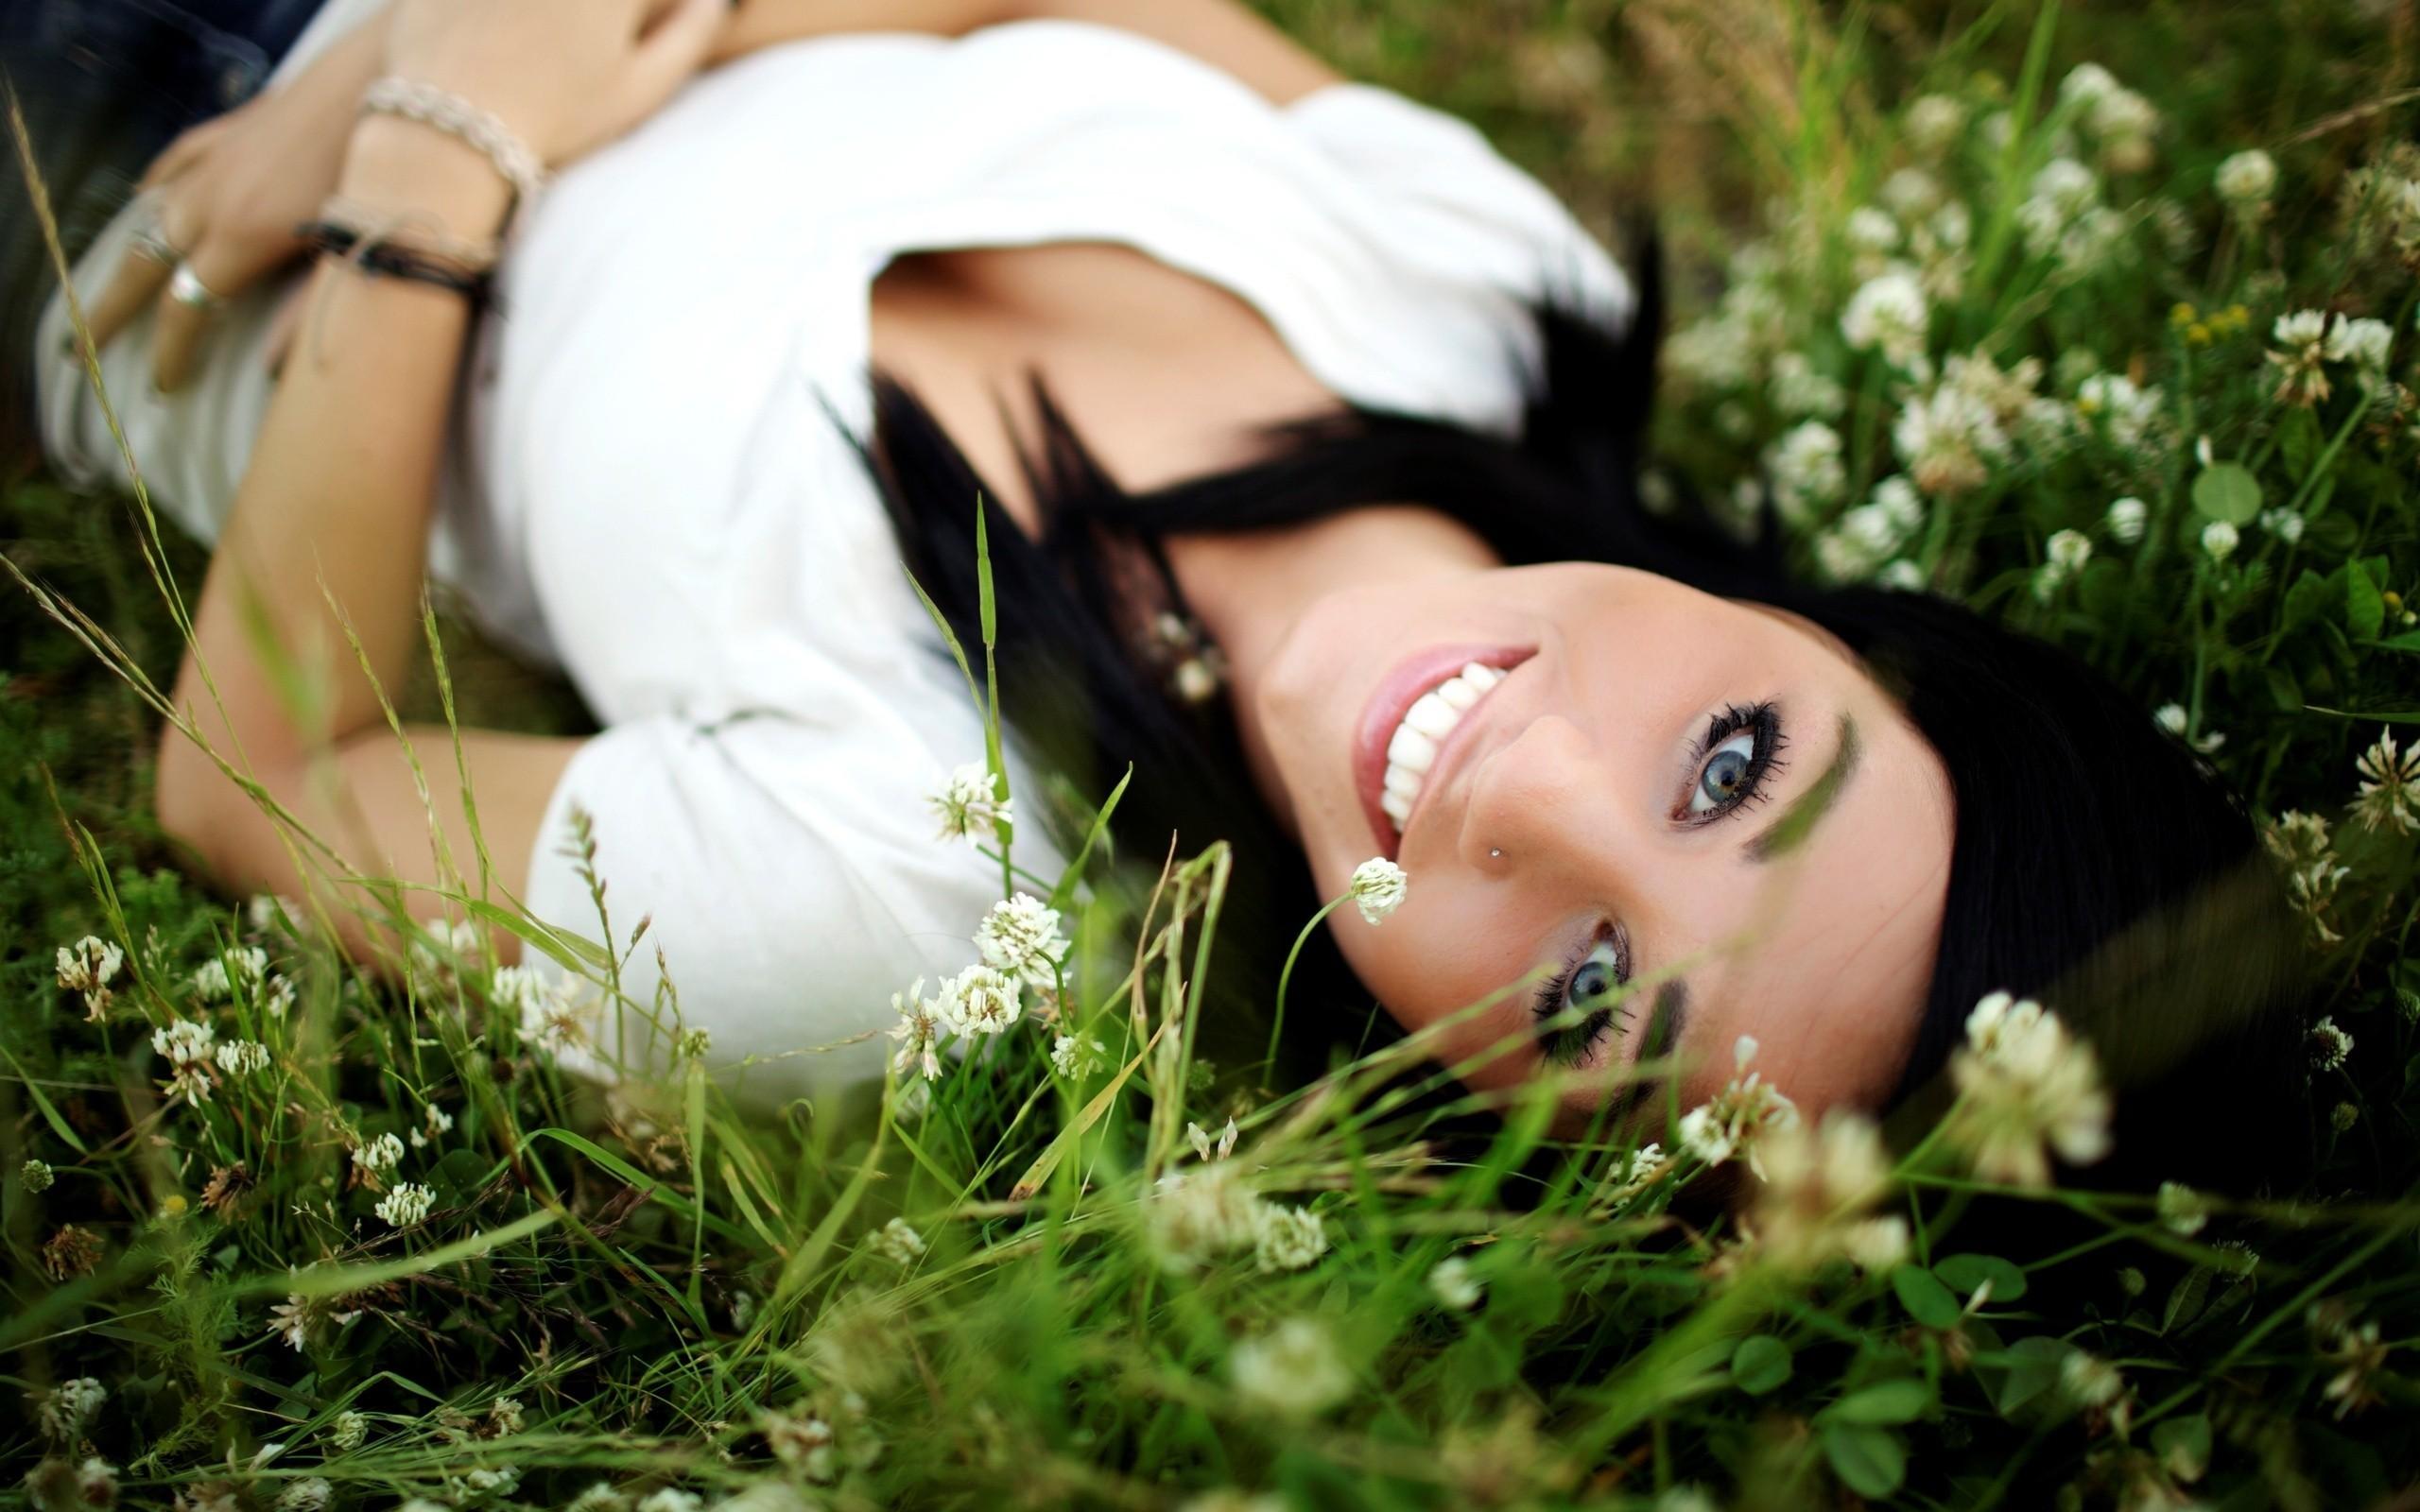 Девушка в траве  № 559824 загрузить